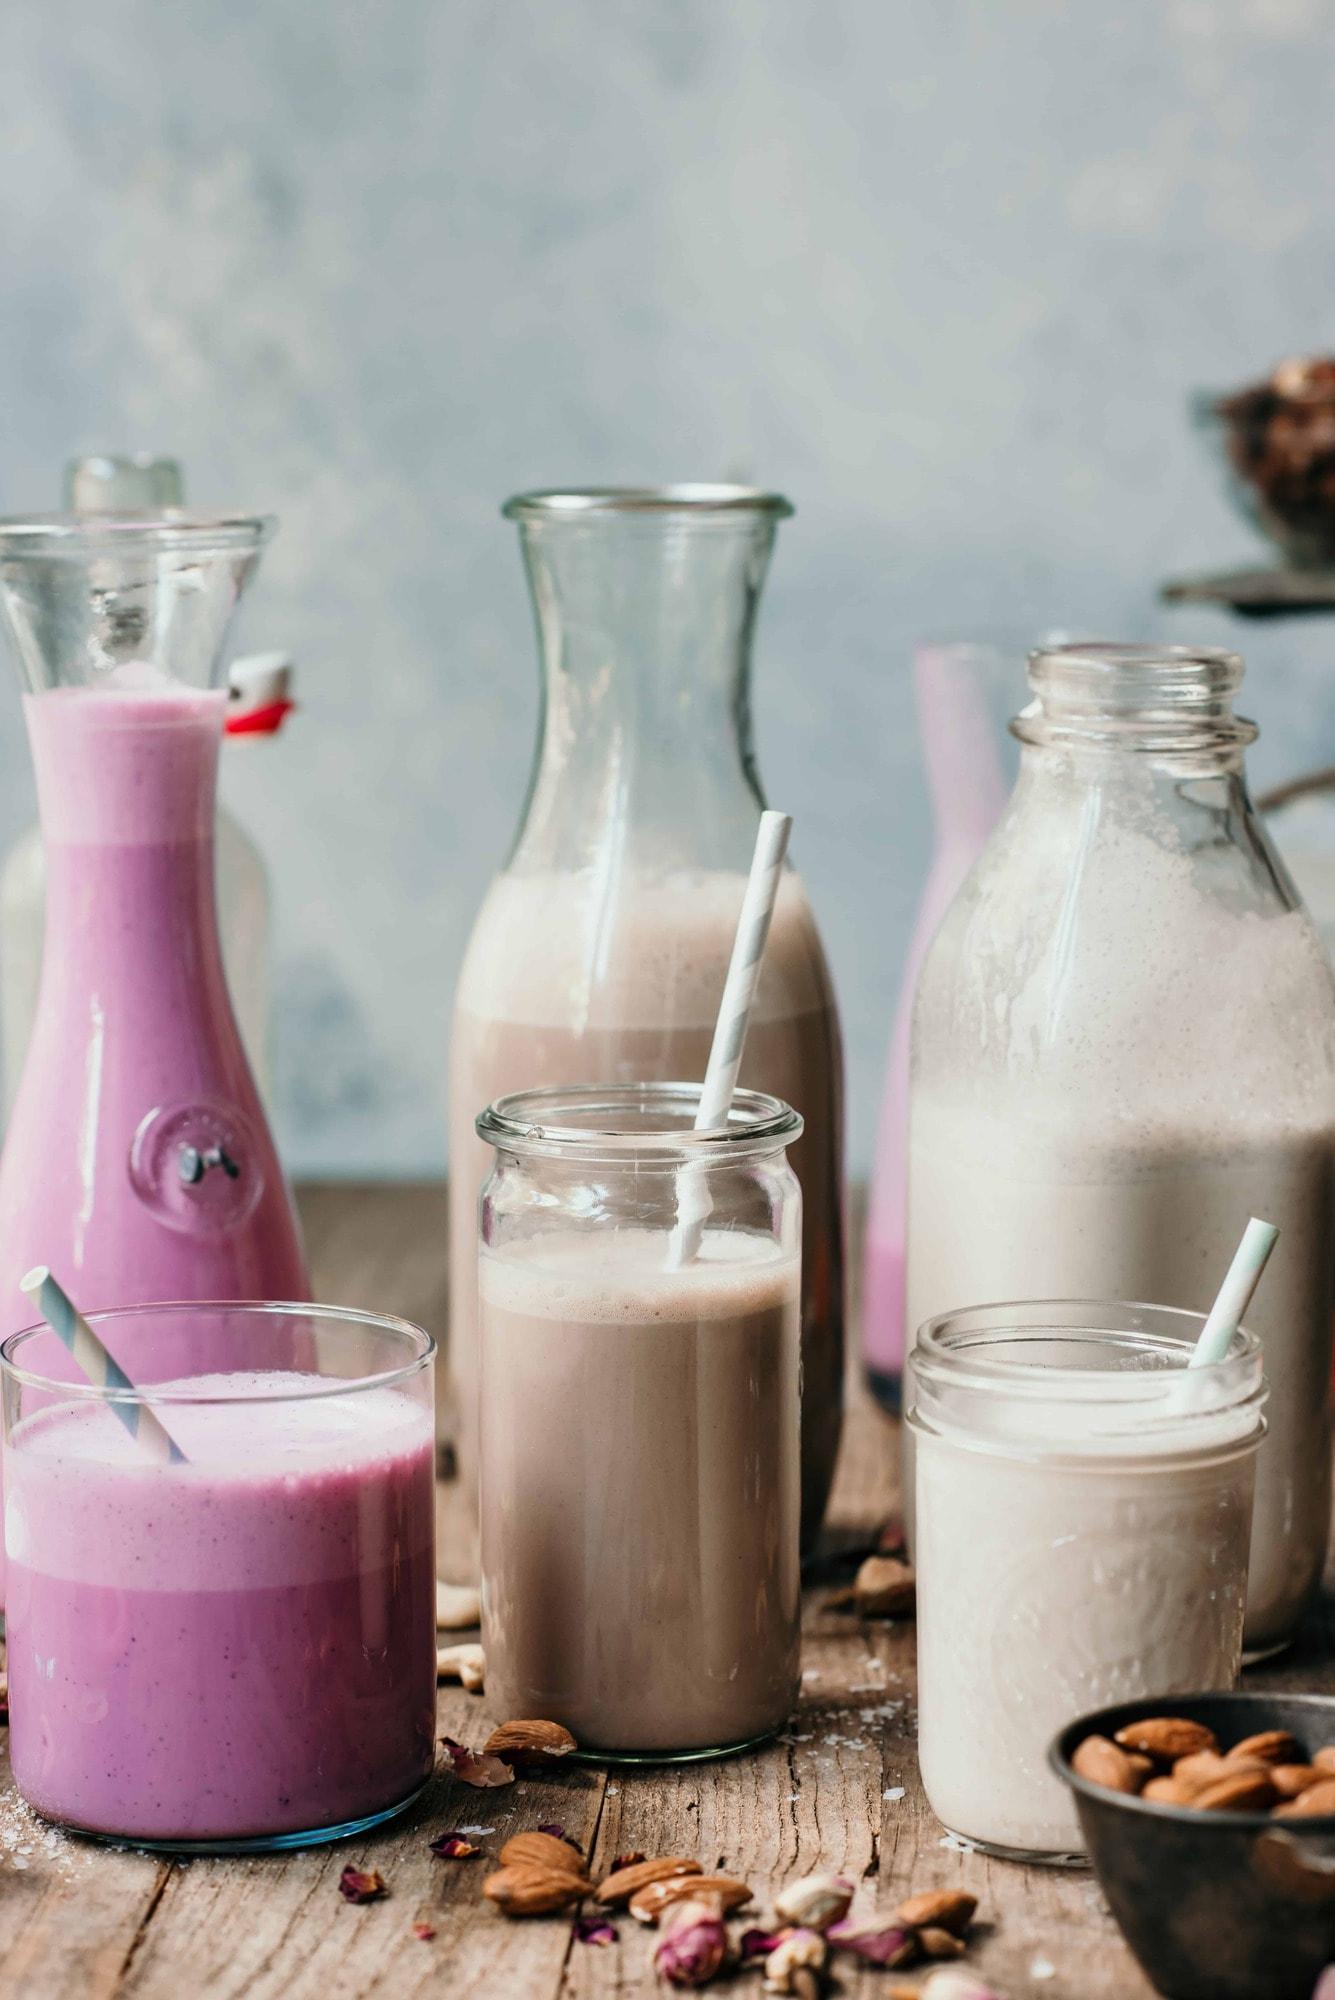 3 large jars of homemade nut milk